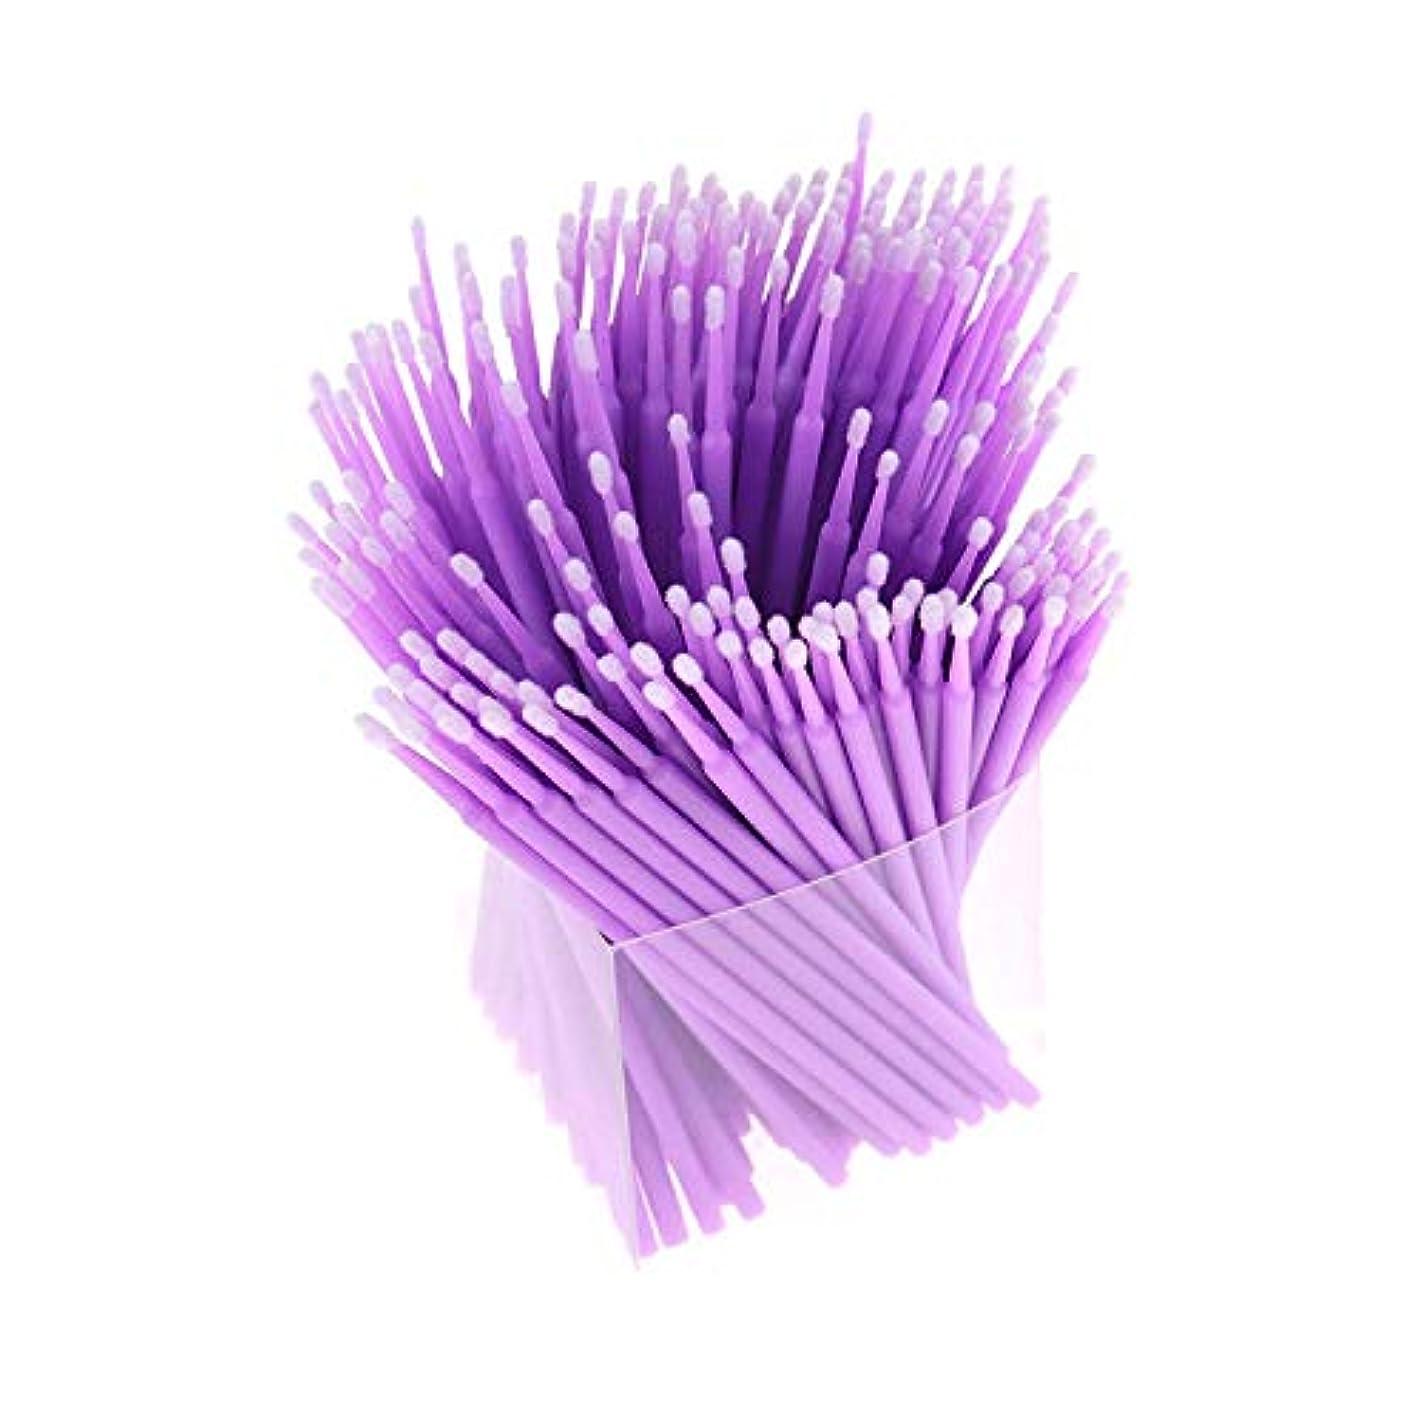 オセアニア提供する南方のCUHAWUDBA 200本、アプリケーター、まつげ用綿棒、マイクロ-ブラシ、使い捨てマイクロ-ブラシ、延長化粧工具-パープル